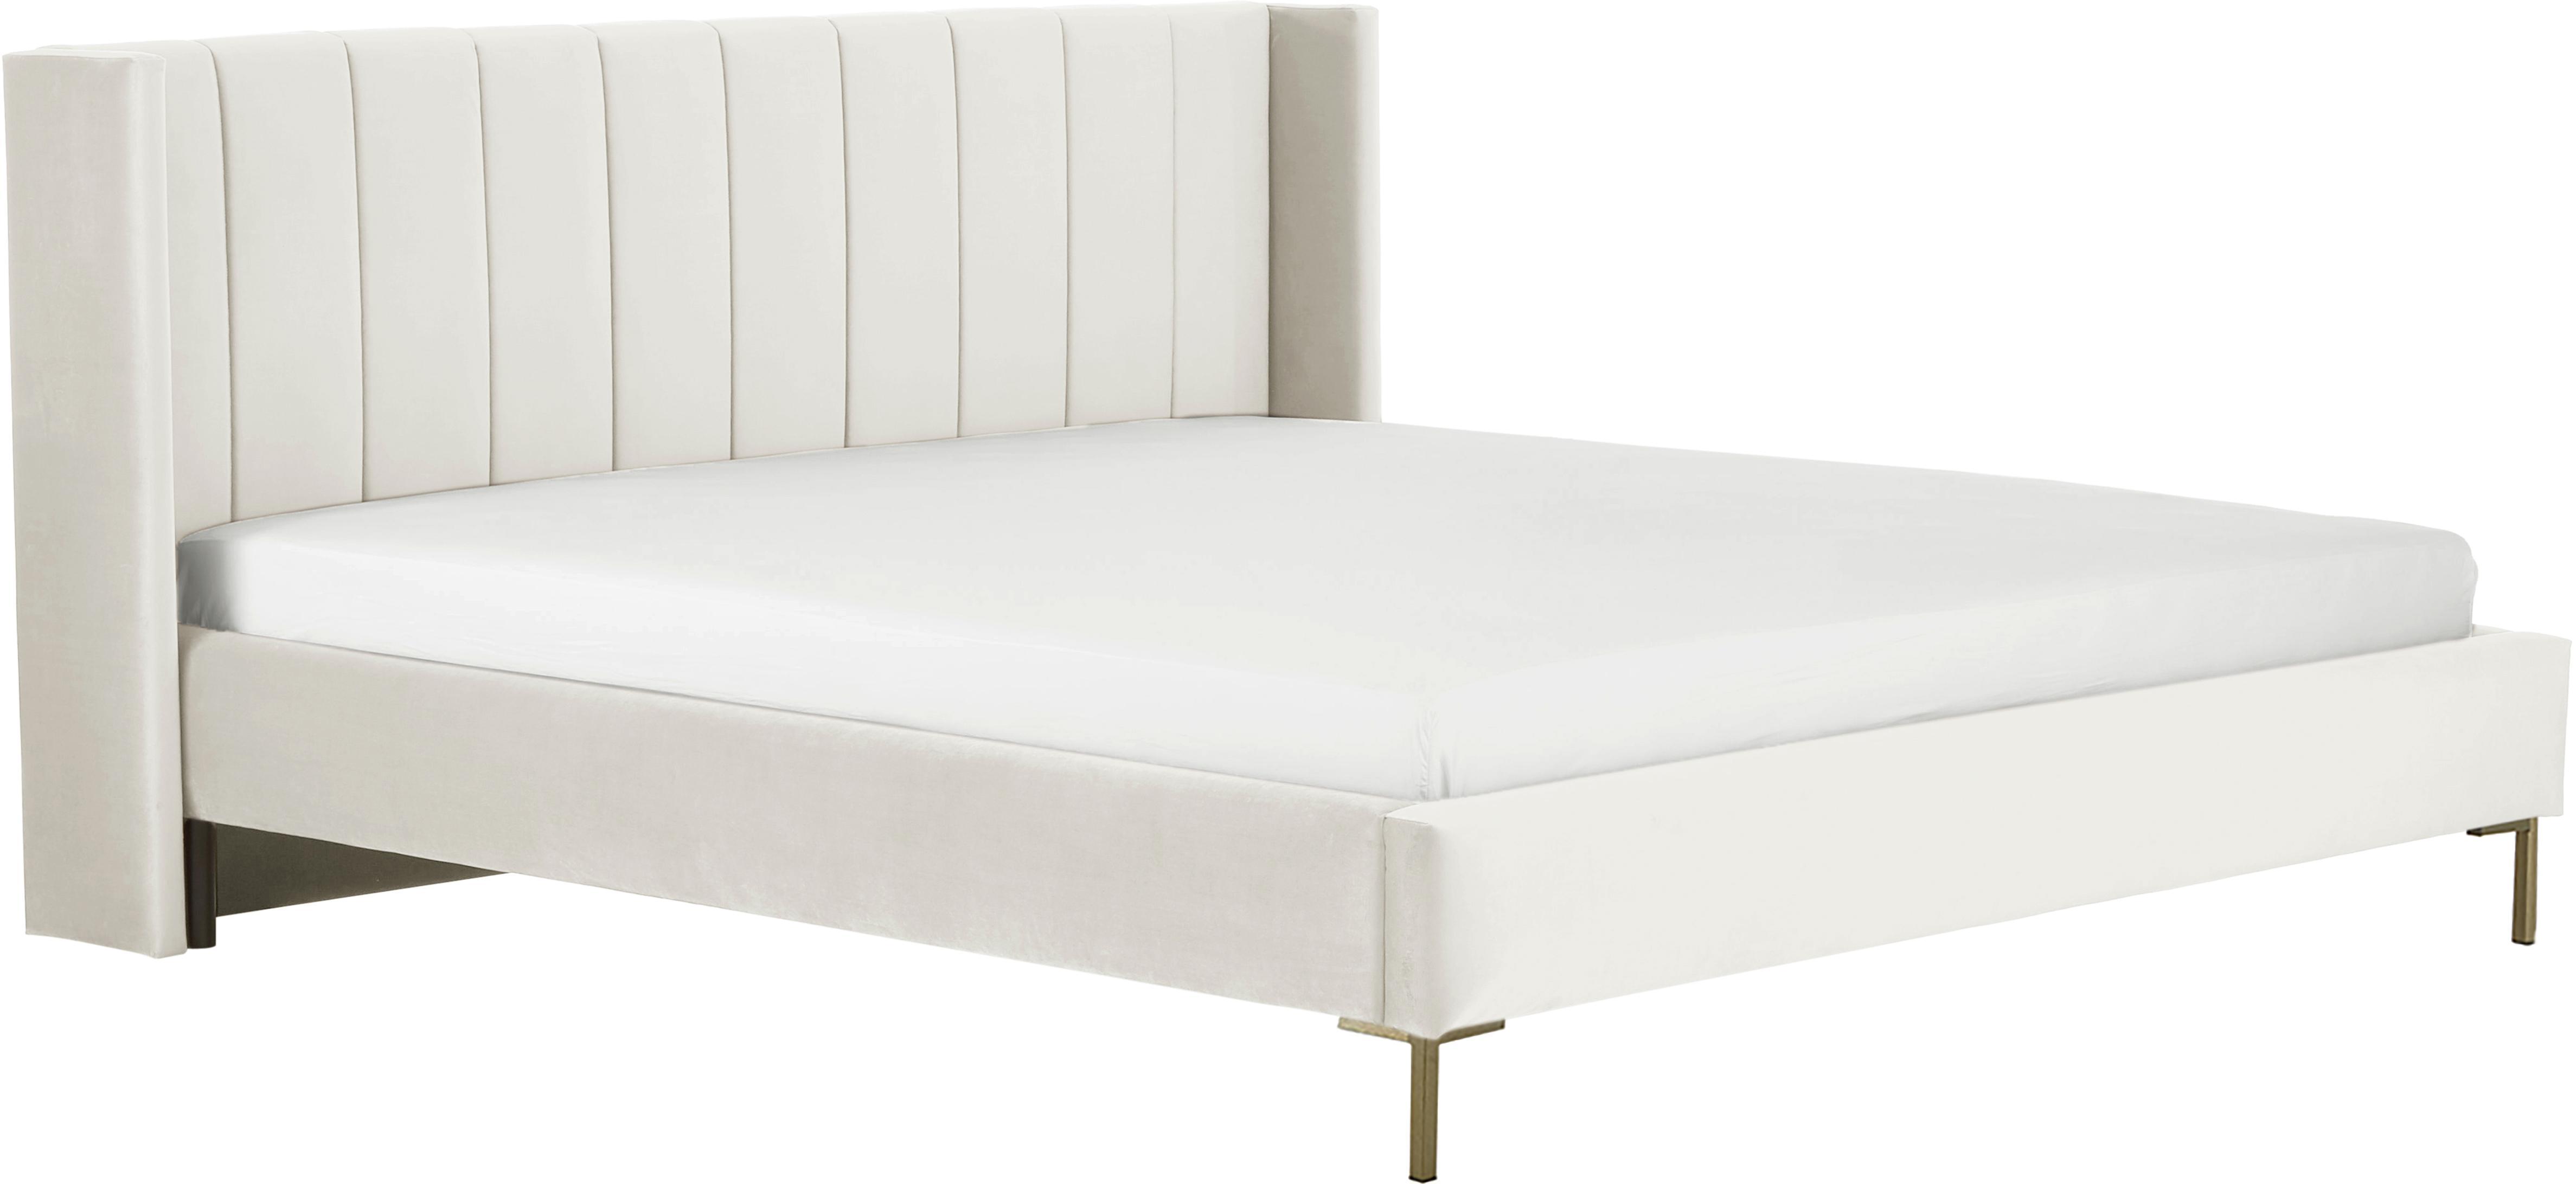 Łóżko tapicerowane z aksamitu Dusk, Korpus: lite drewno sosnowe, Nogi: metal malowany proszkowo, Tapicerka: aksamit poliestrowy 3500, Beżowy, 140 x 200 cm